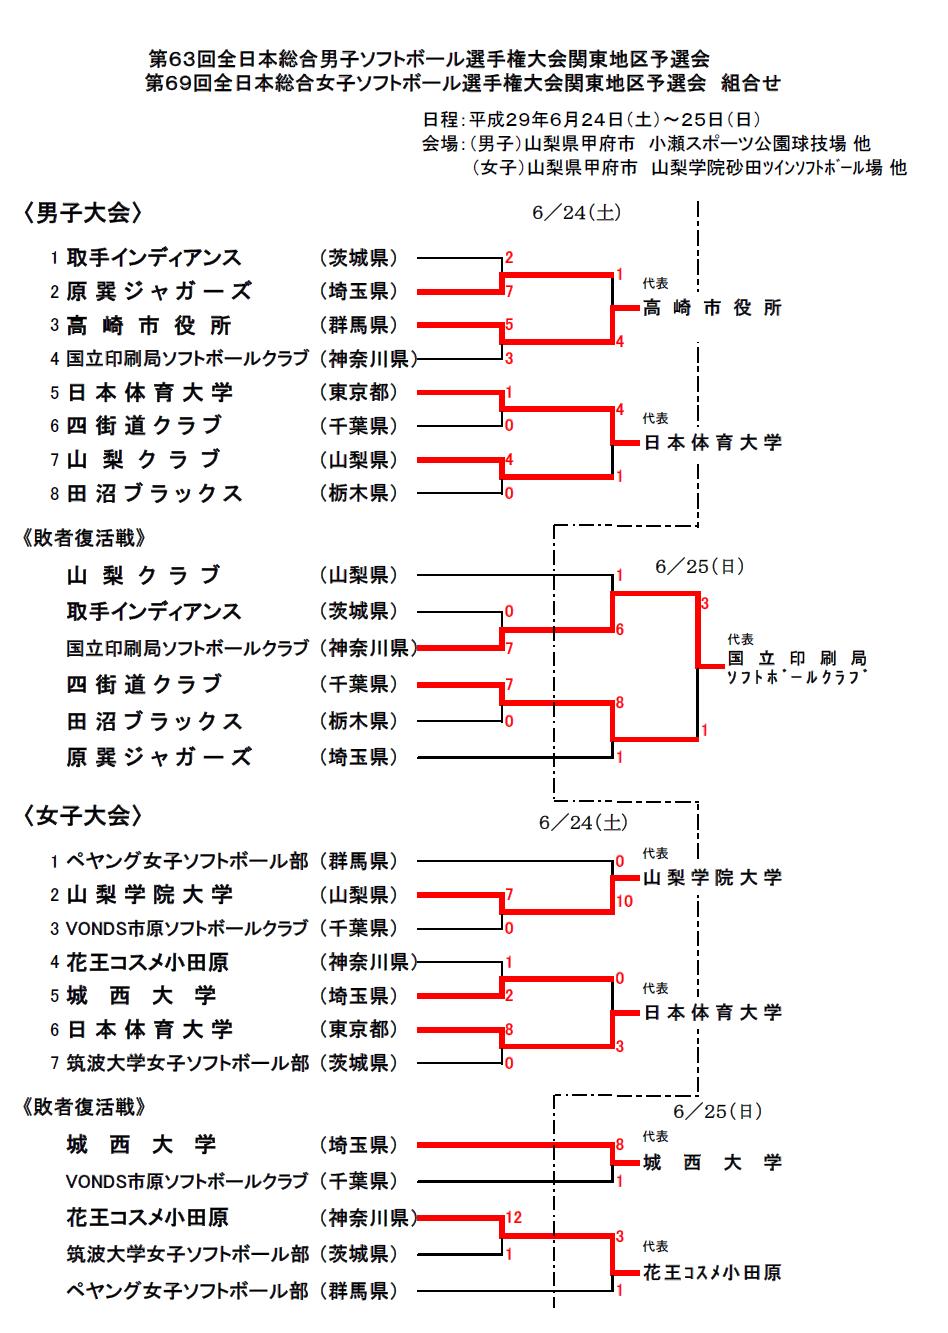 第63回全日本総合男子ソフトボー...